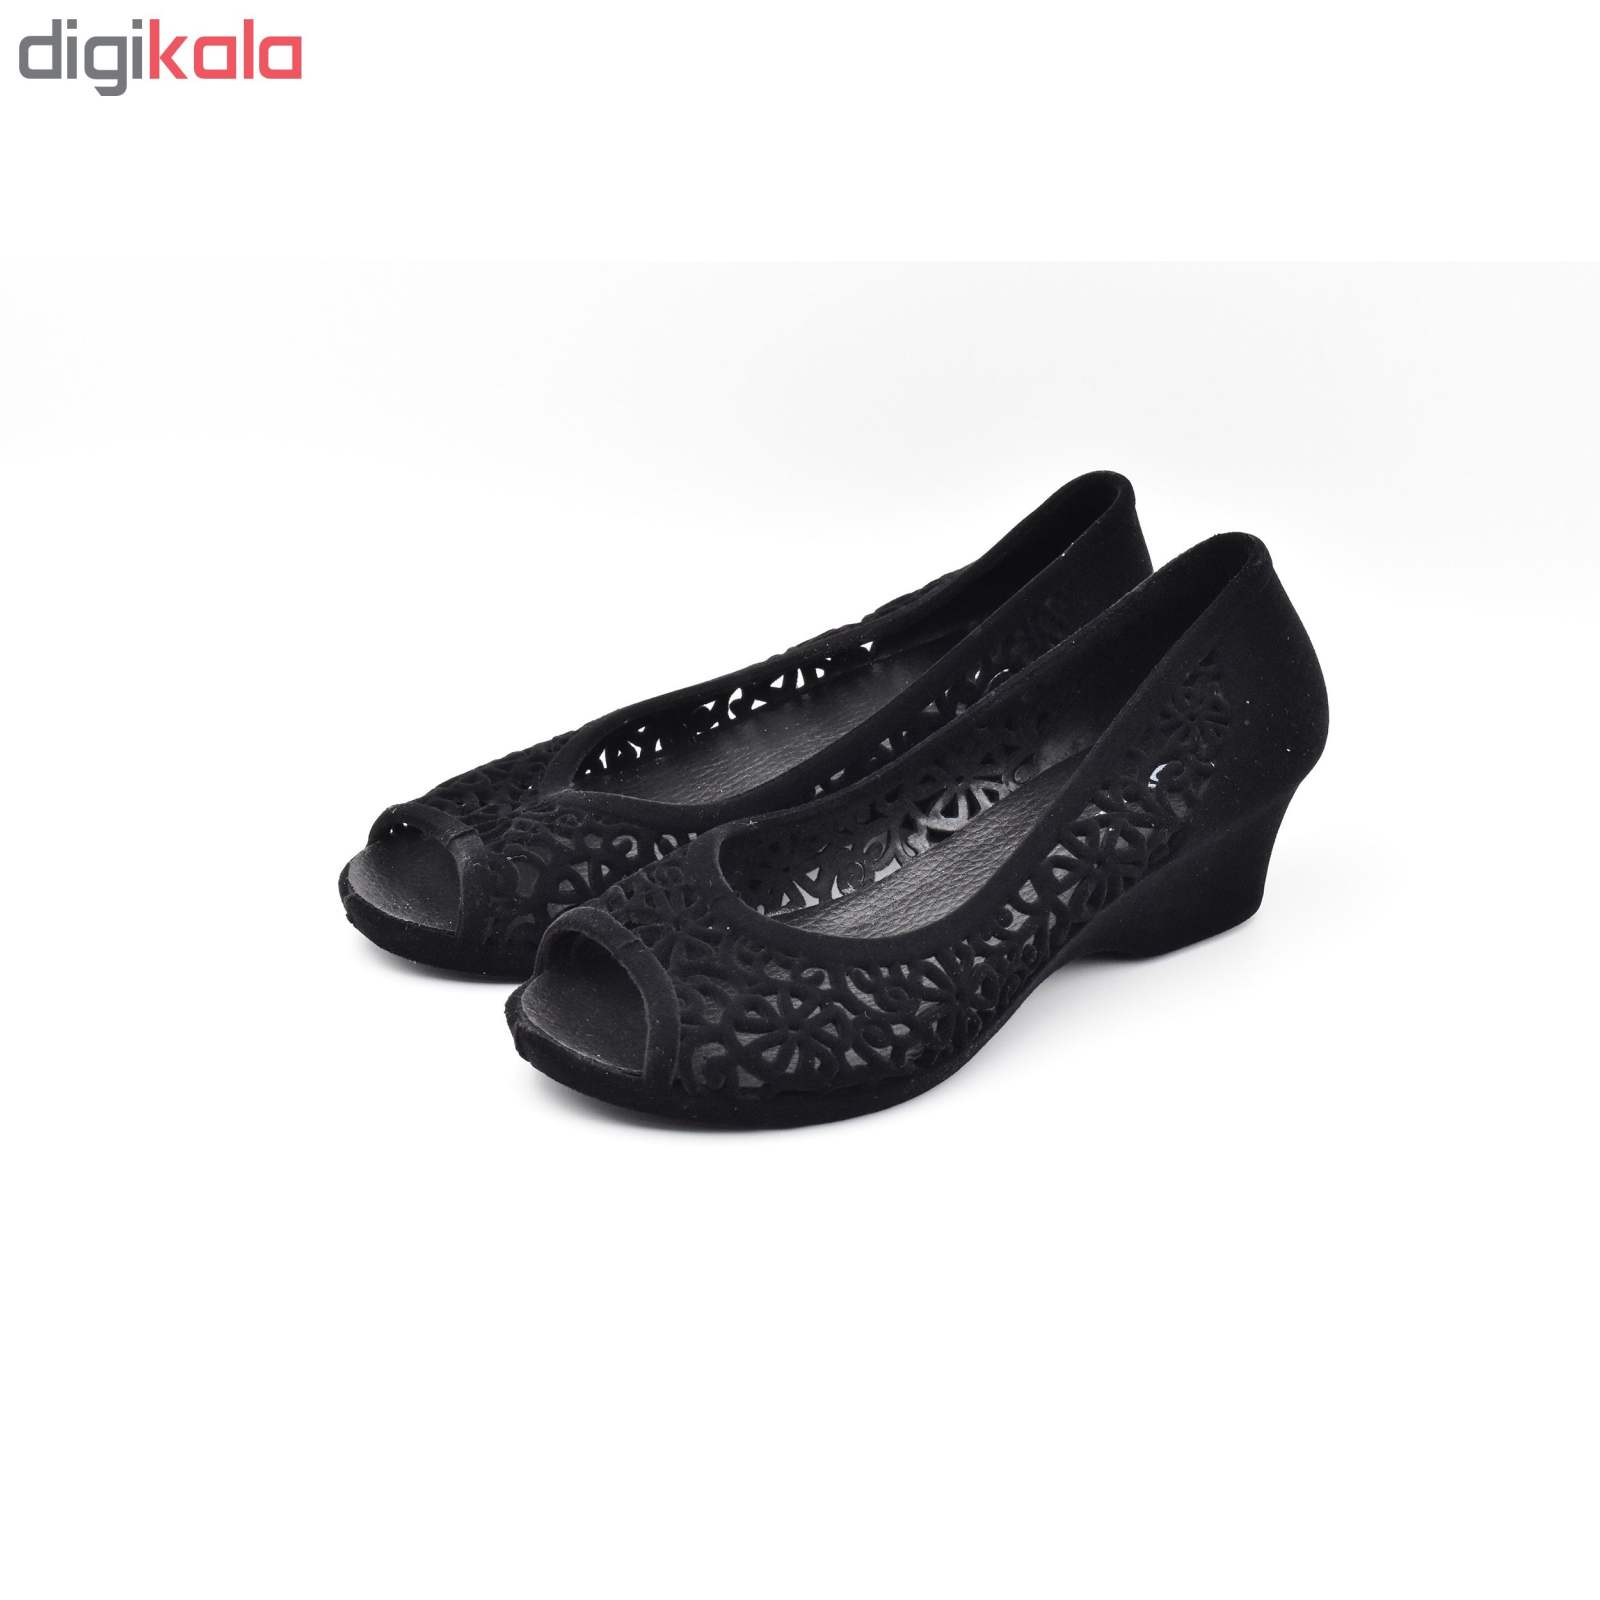 صندل زنانه کفش سورن مدل توران کد 5749 main 1 3